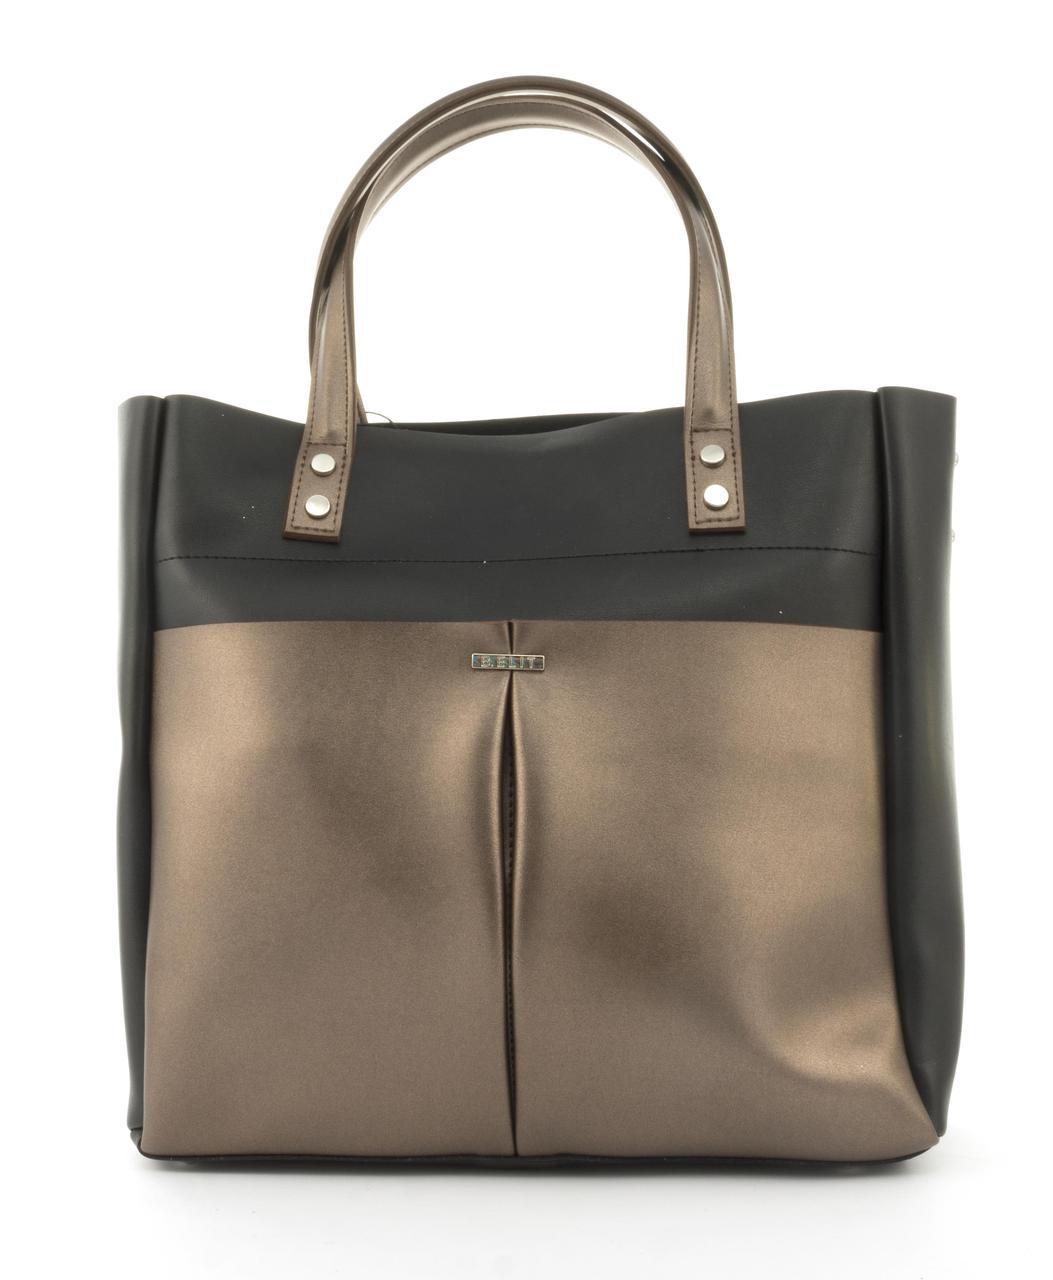 Оригинальная вместительная качественная сумка с эко кожи очень высокого качества B.Elite art. 08-30 черн/золот